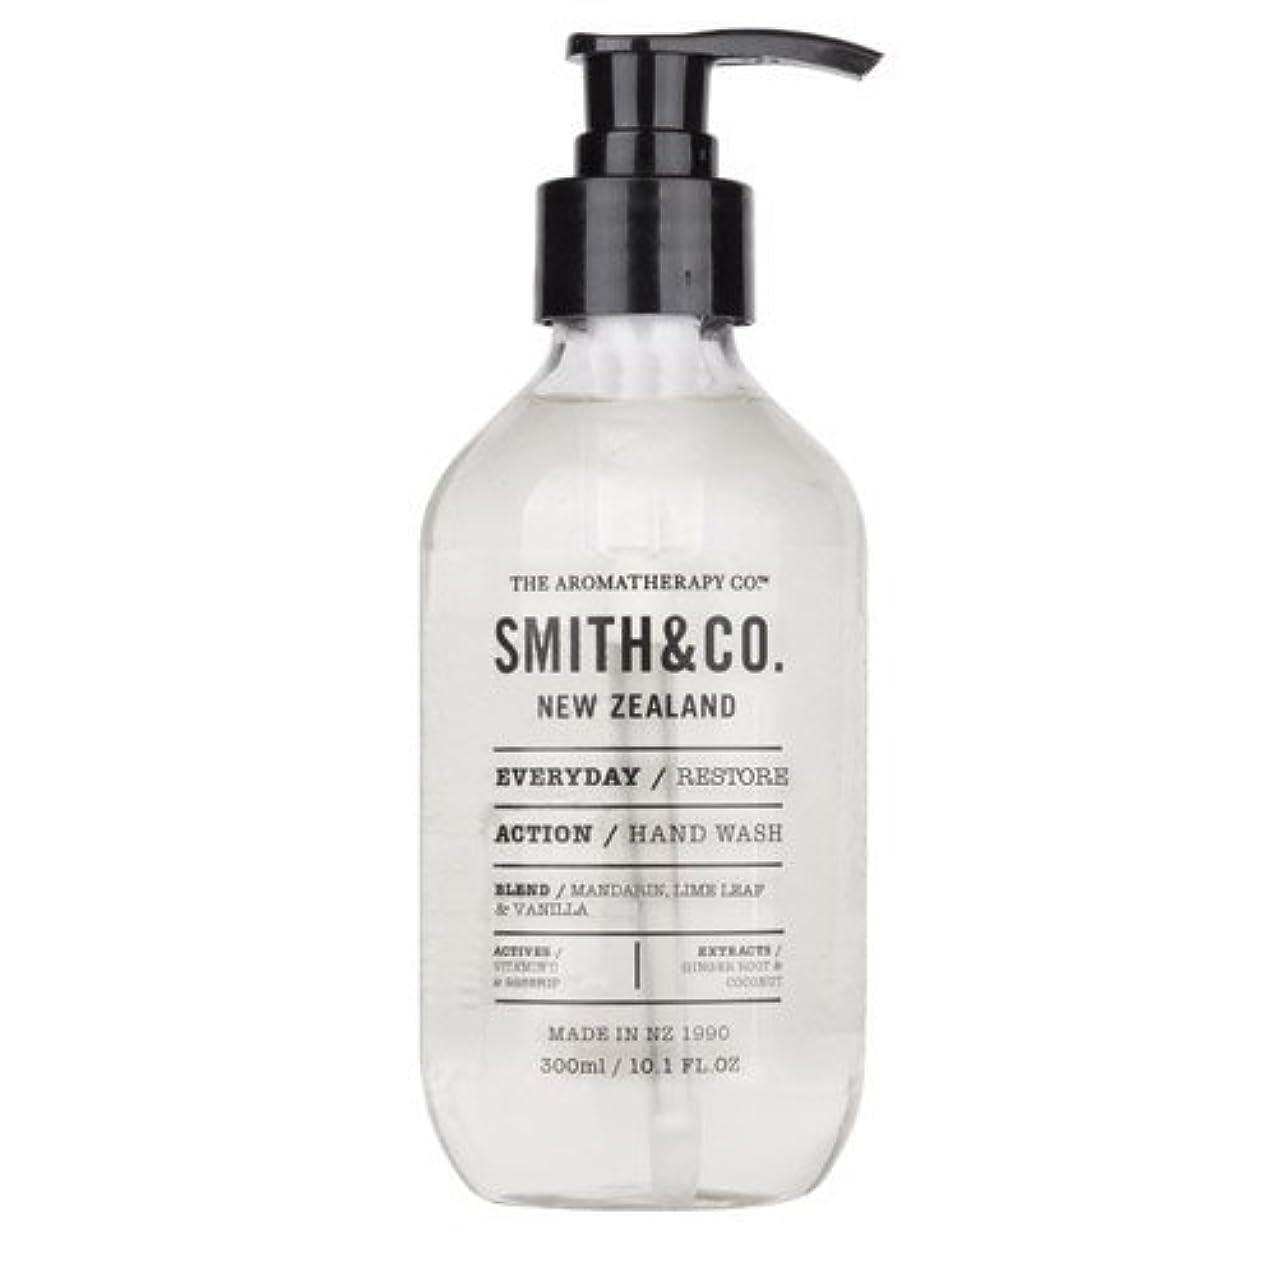 災難料理をする解任Smith&Co. スミスアンドコー Hand&Body Wash ハンド&ボディウォッシュ Restore リストア